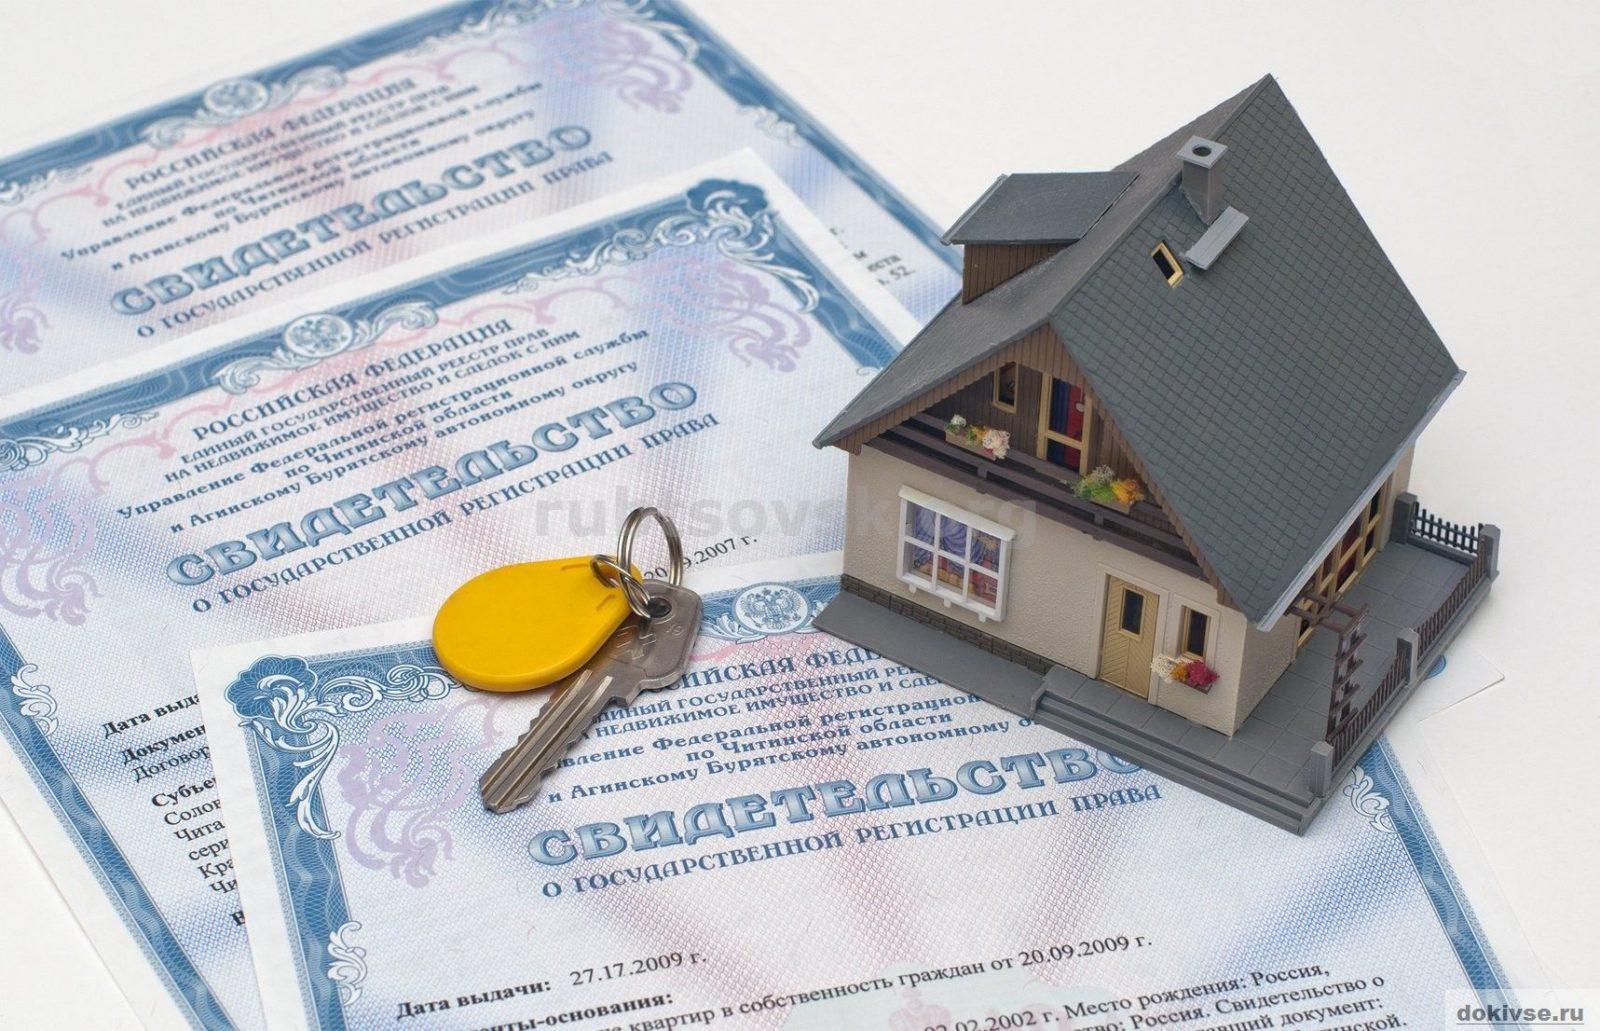 Документы для регистрации дома на земельном участке